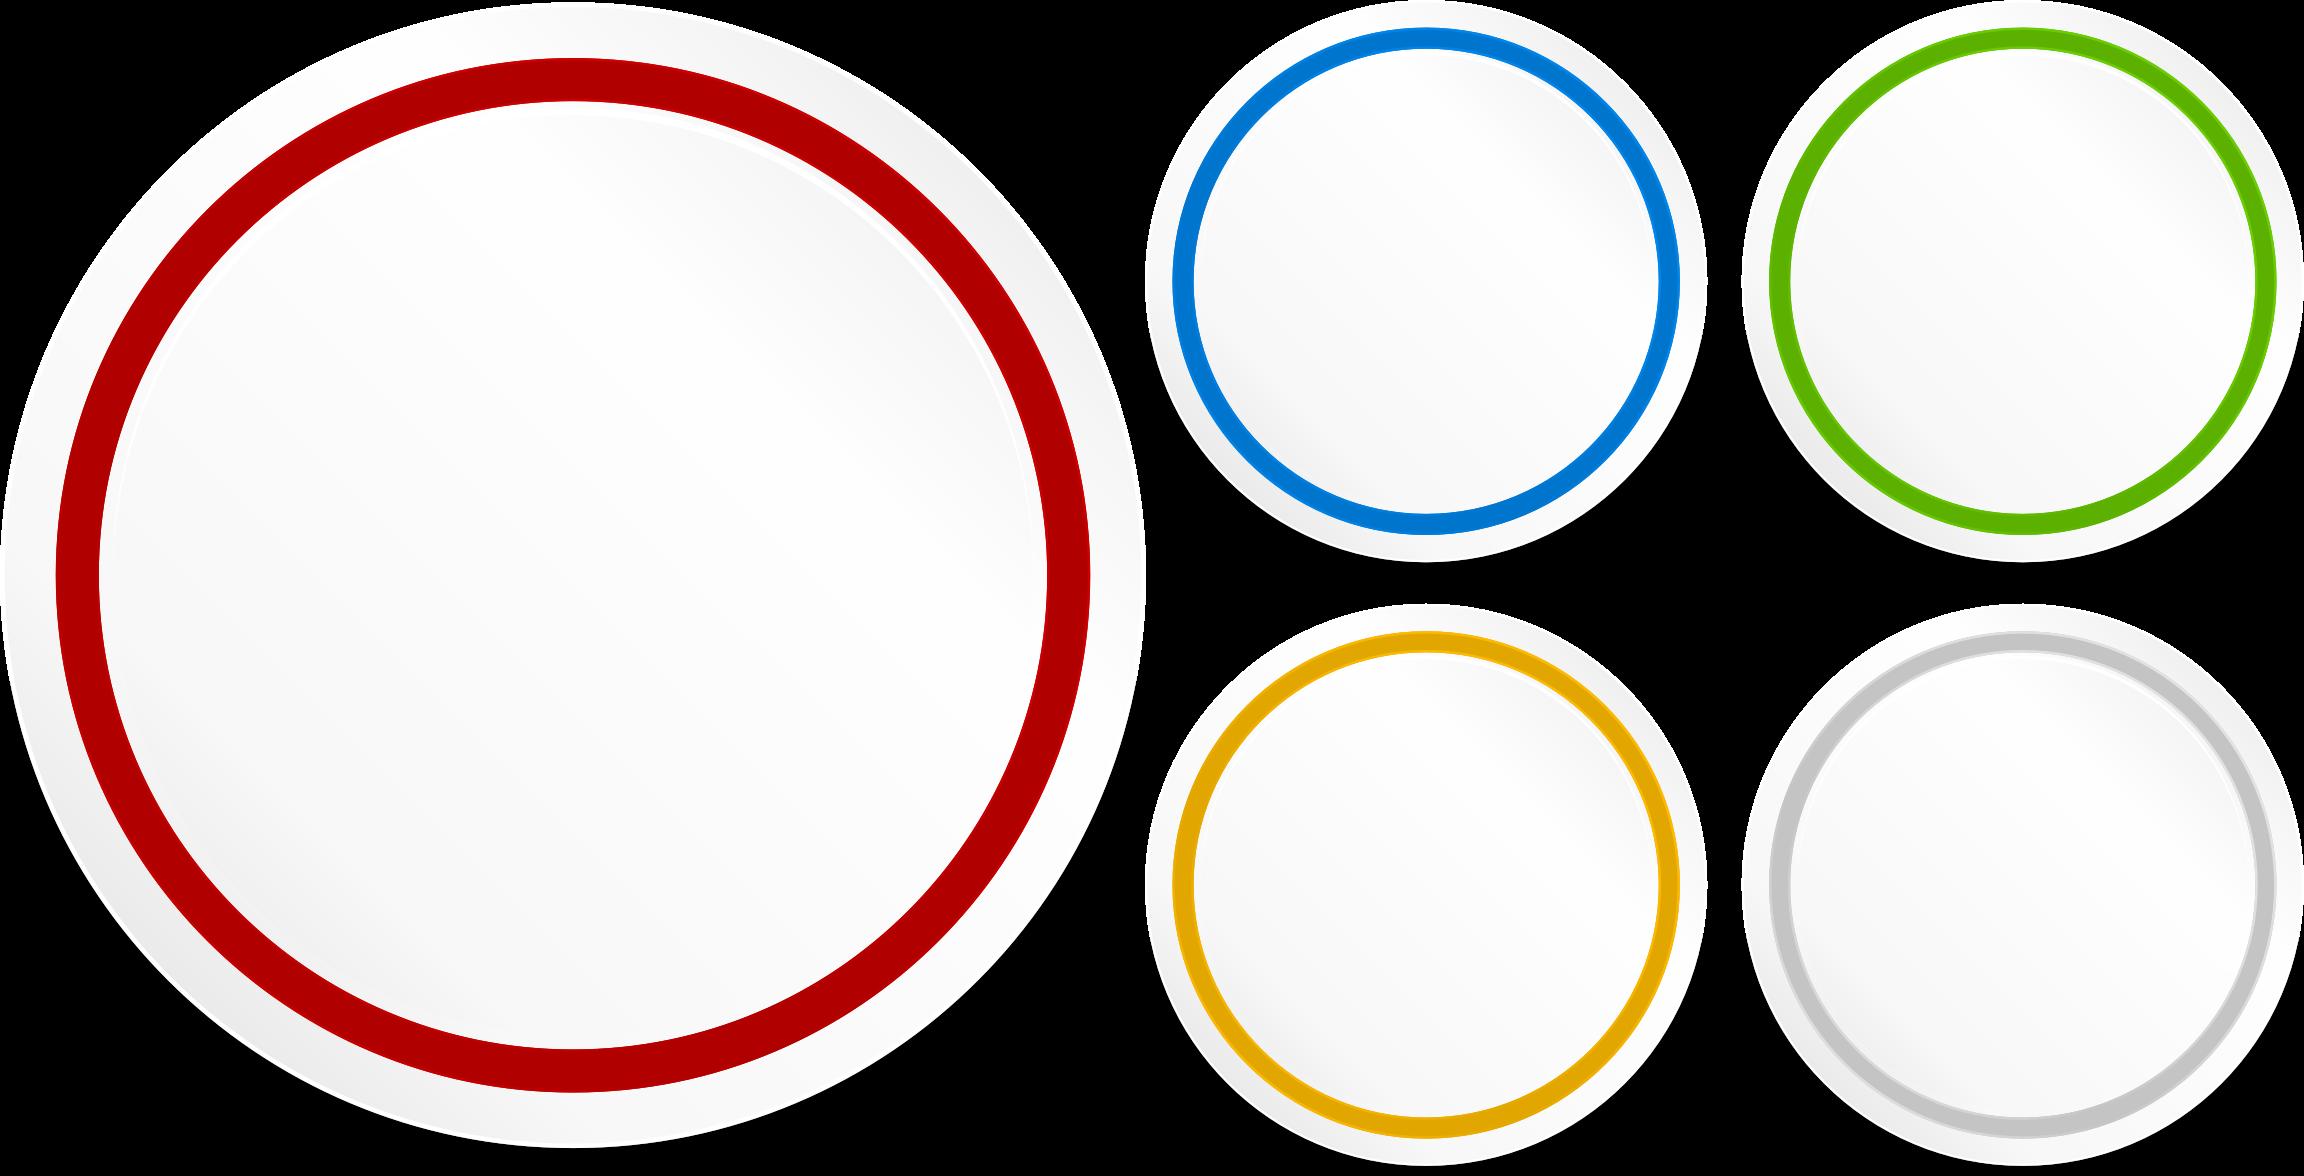 Vectors big image png. Circle clipart vector